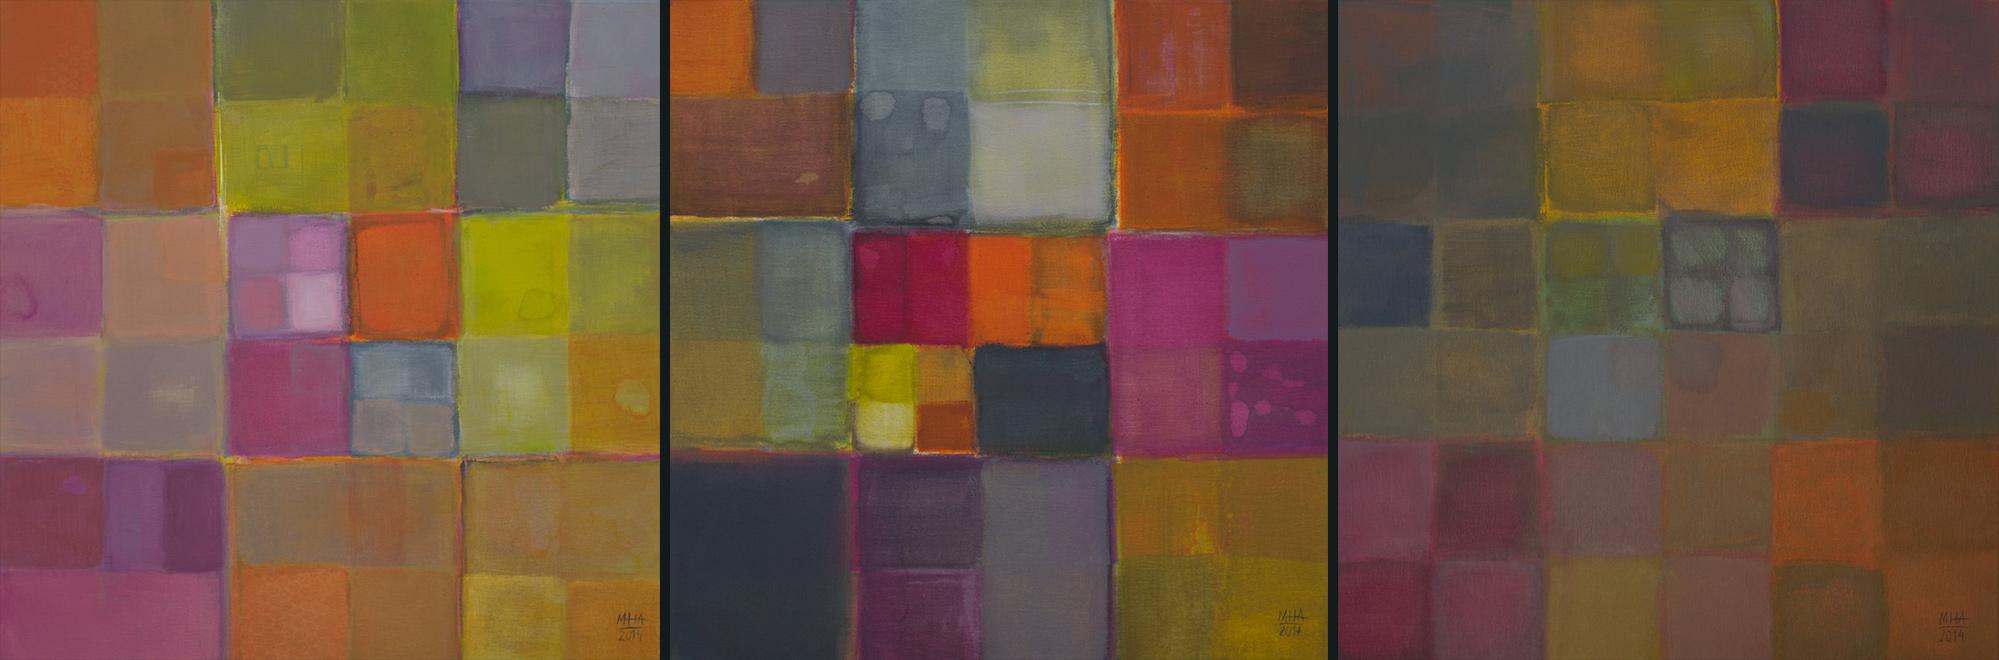 Triptychon: Vergangenheit, Gegenwart,Zukunft ,2014,Acryl auf Leinwand,je 60x60 cm